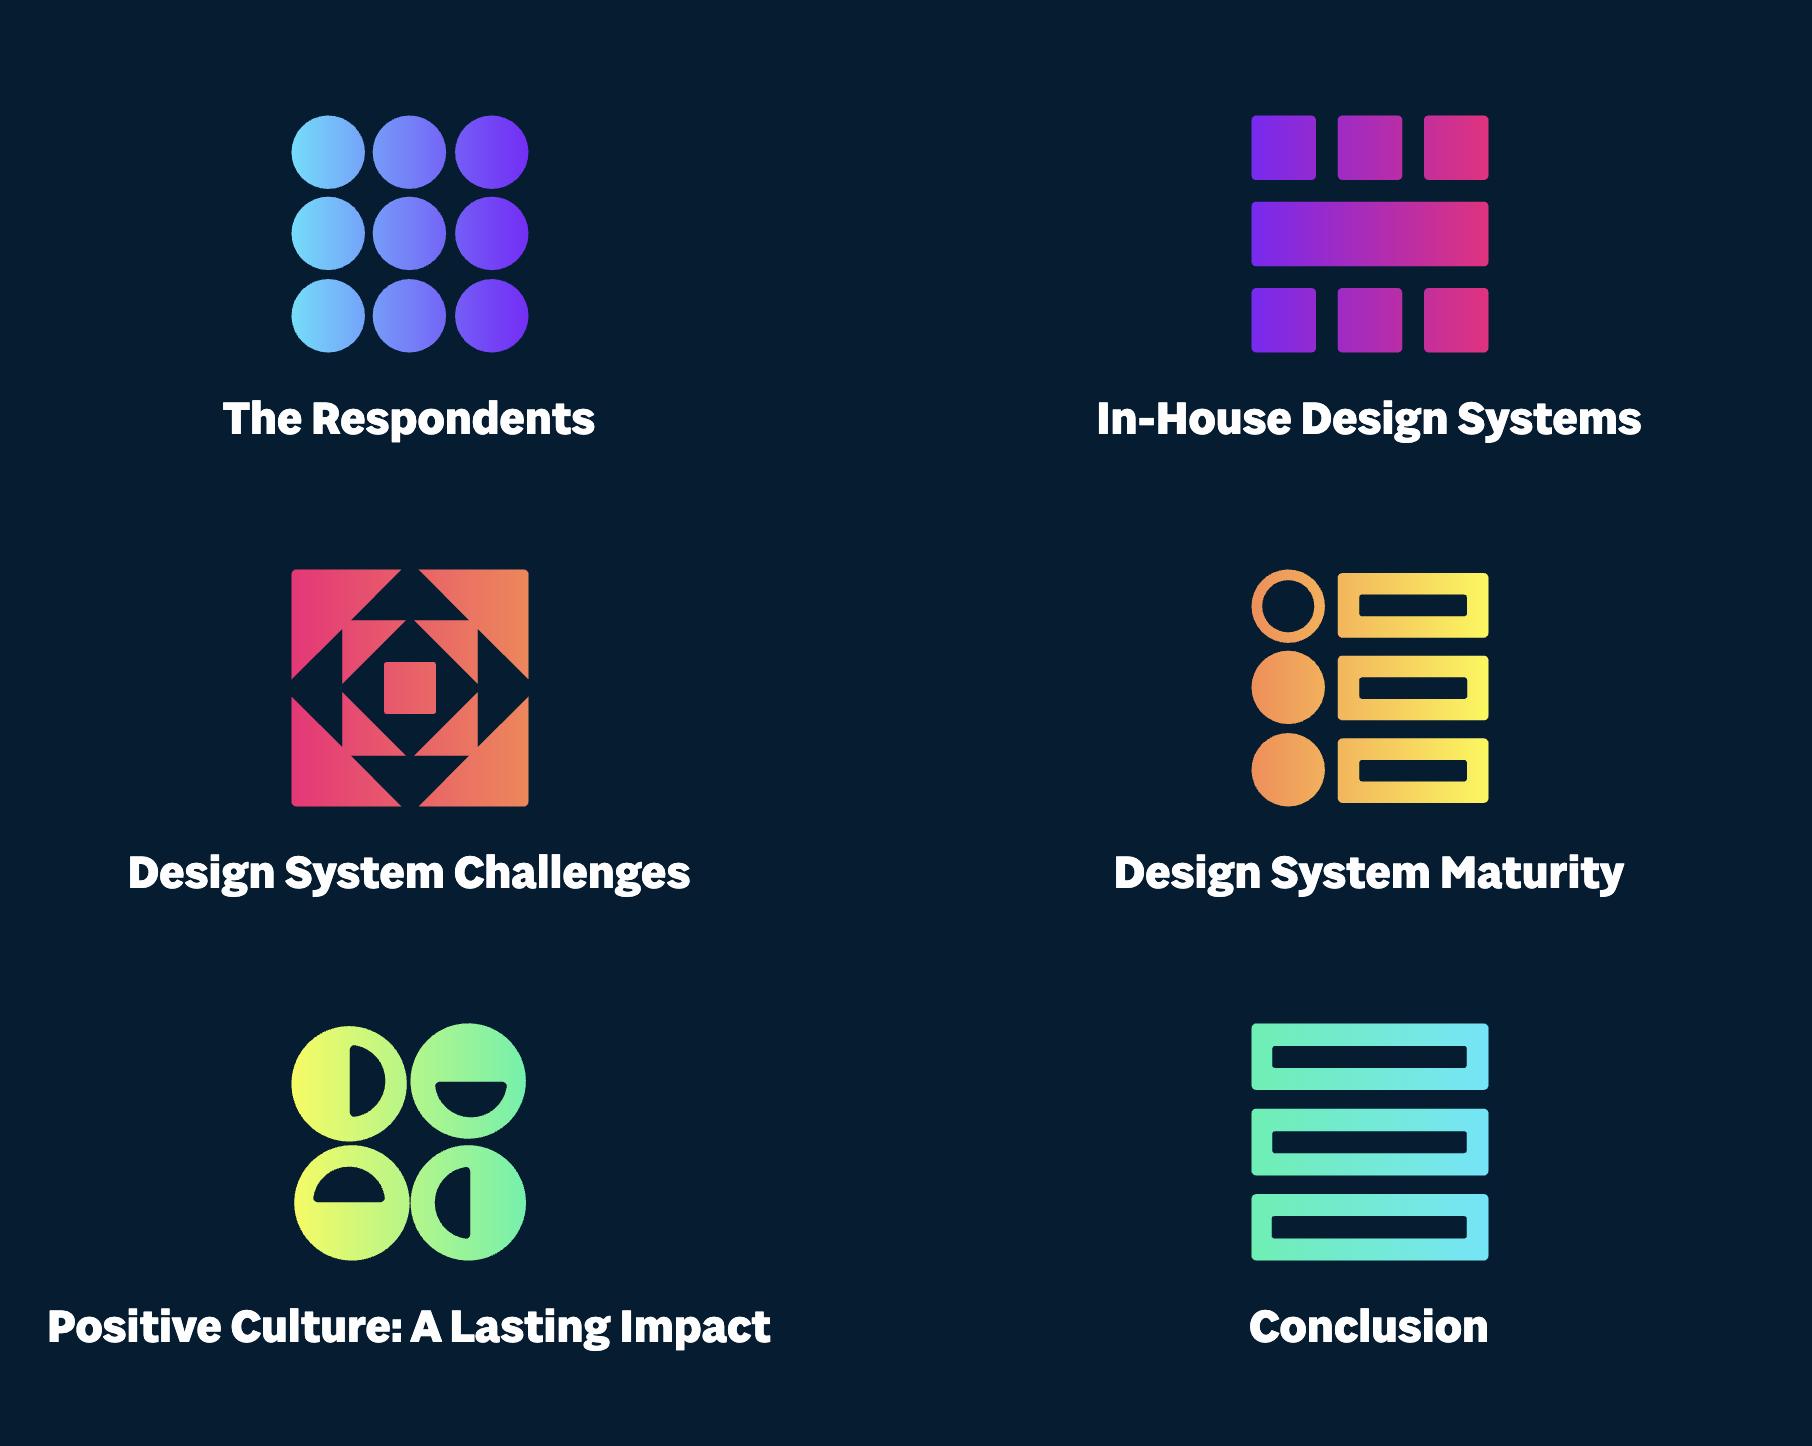 Design System kategorie badania. Respondenci, inhouse design system, wyzwania design systemów, dojrzałość design systemów, pozytywne zmiany kulturowe, wnioski